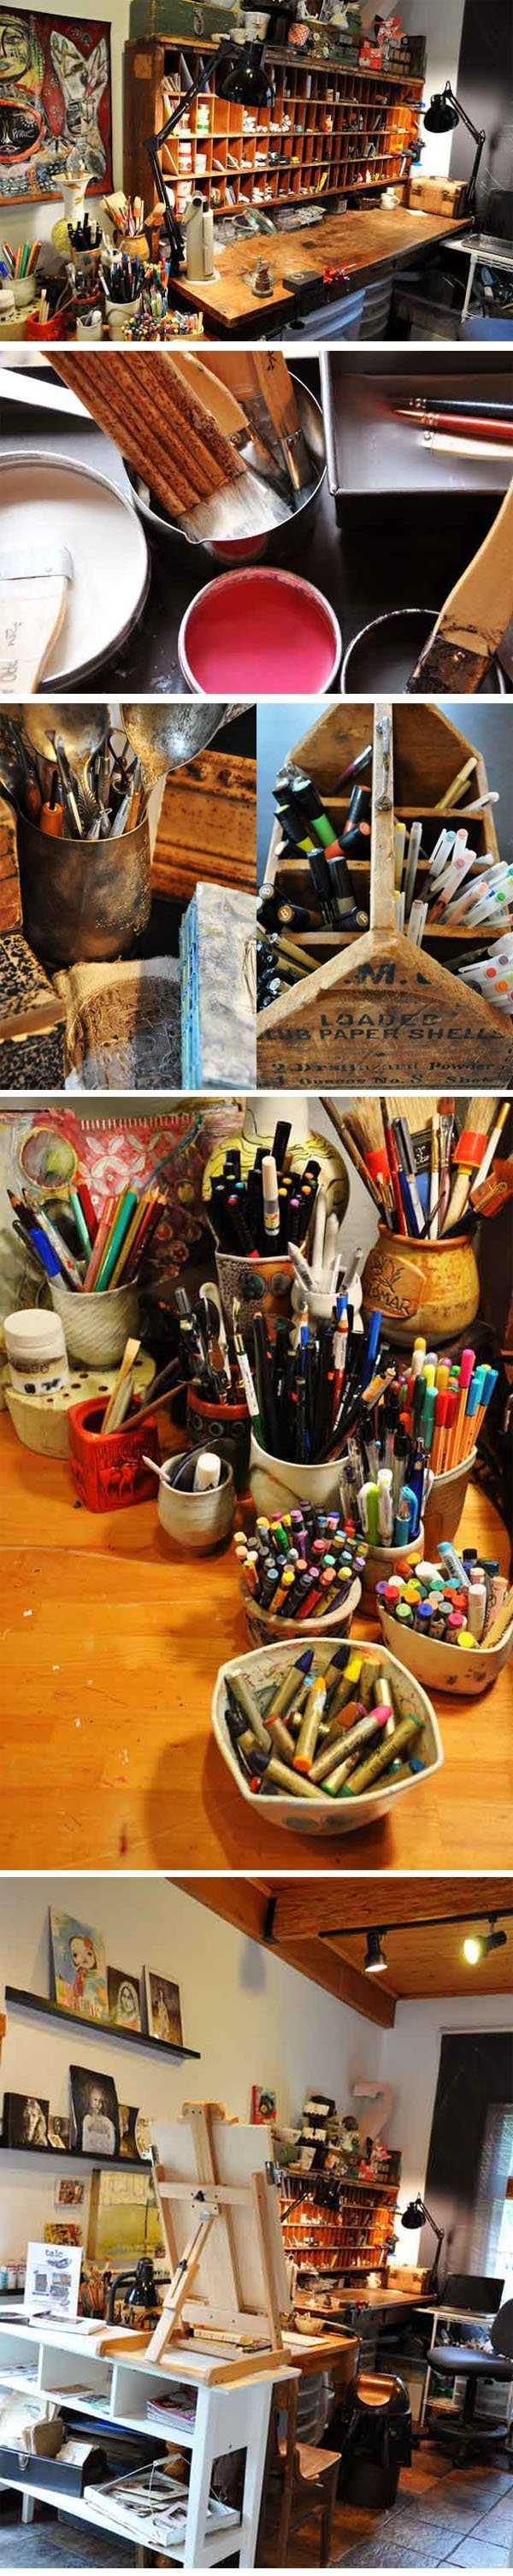 f78357407b9e94689370c0e919ea557d Incríveis espaços de trabalho para artistas